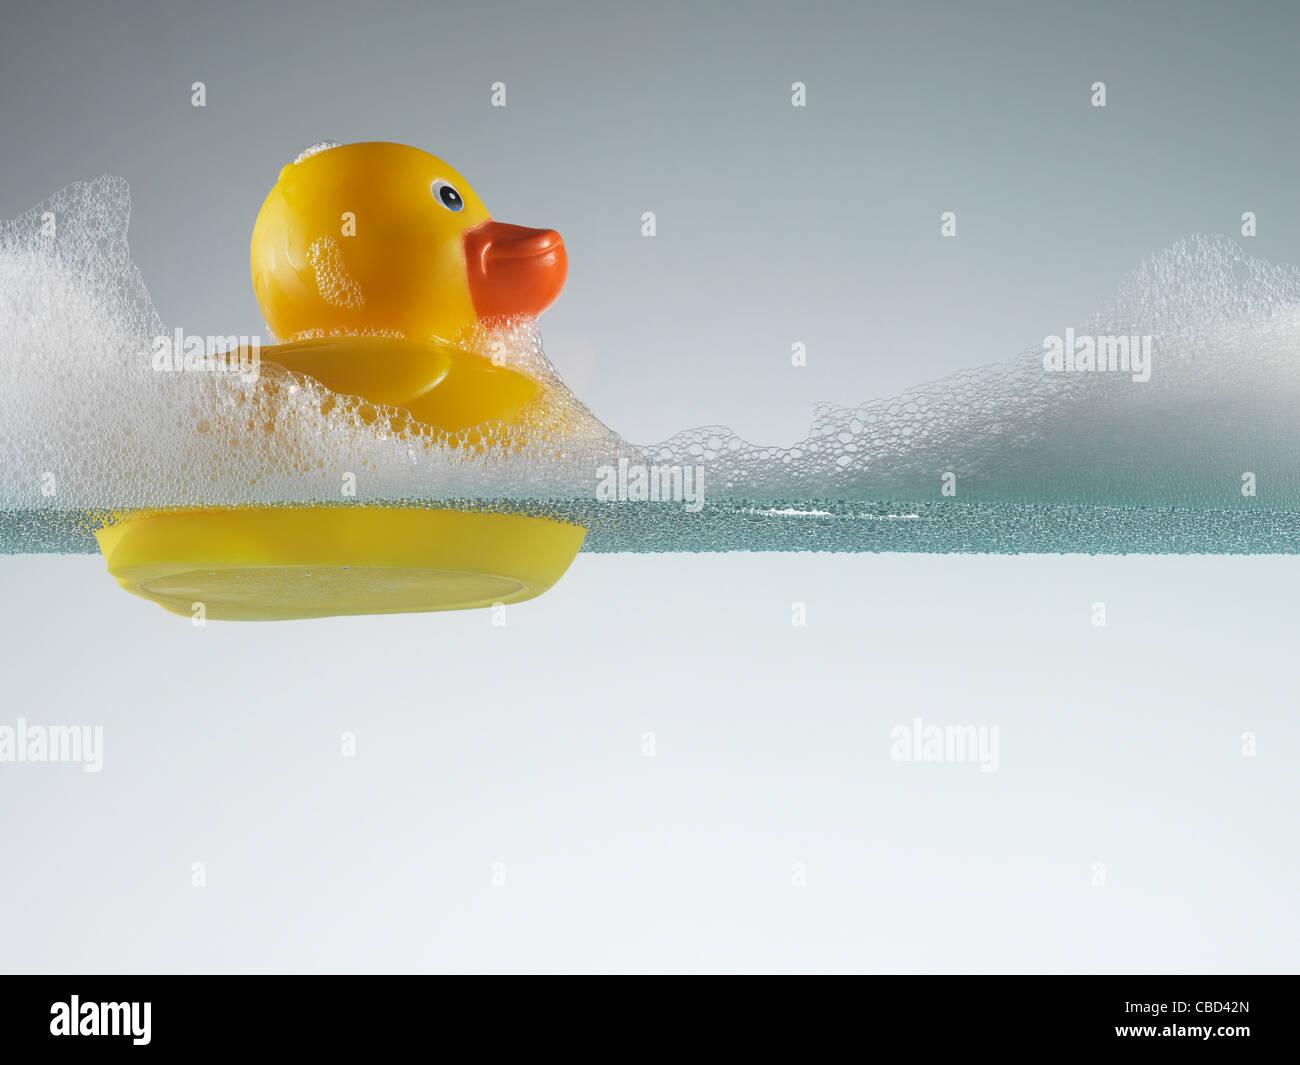 Pato de goma flotando en el agua jabonosa Imagen De Stock